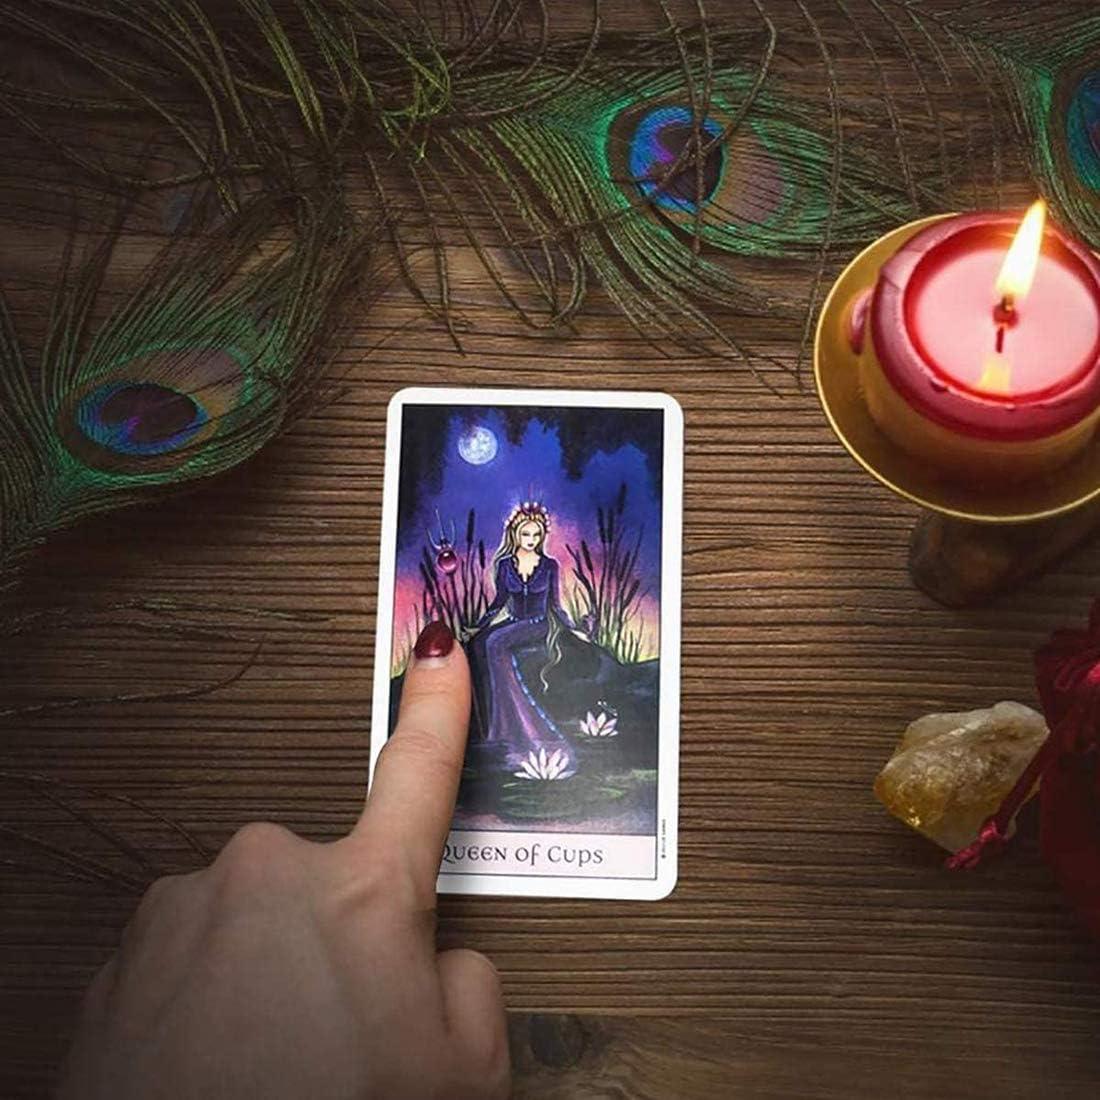 NXL Crystal Visions Tarot 78-Card Deck Tarot Cards Set Tarot Cards and Book for Beginners Set Tarot Card Game Cards